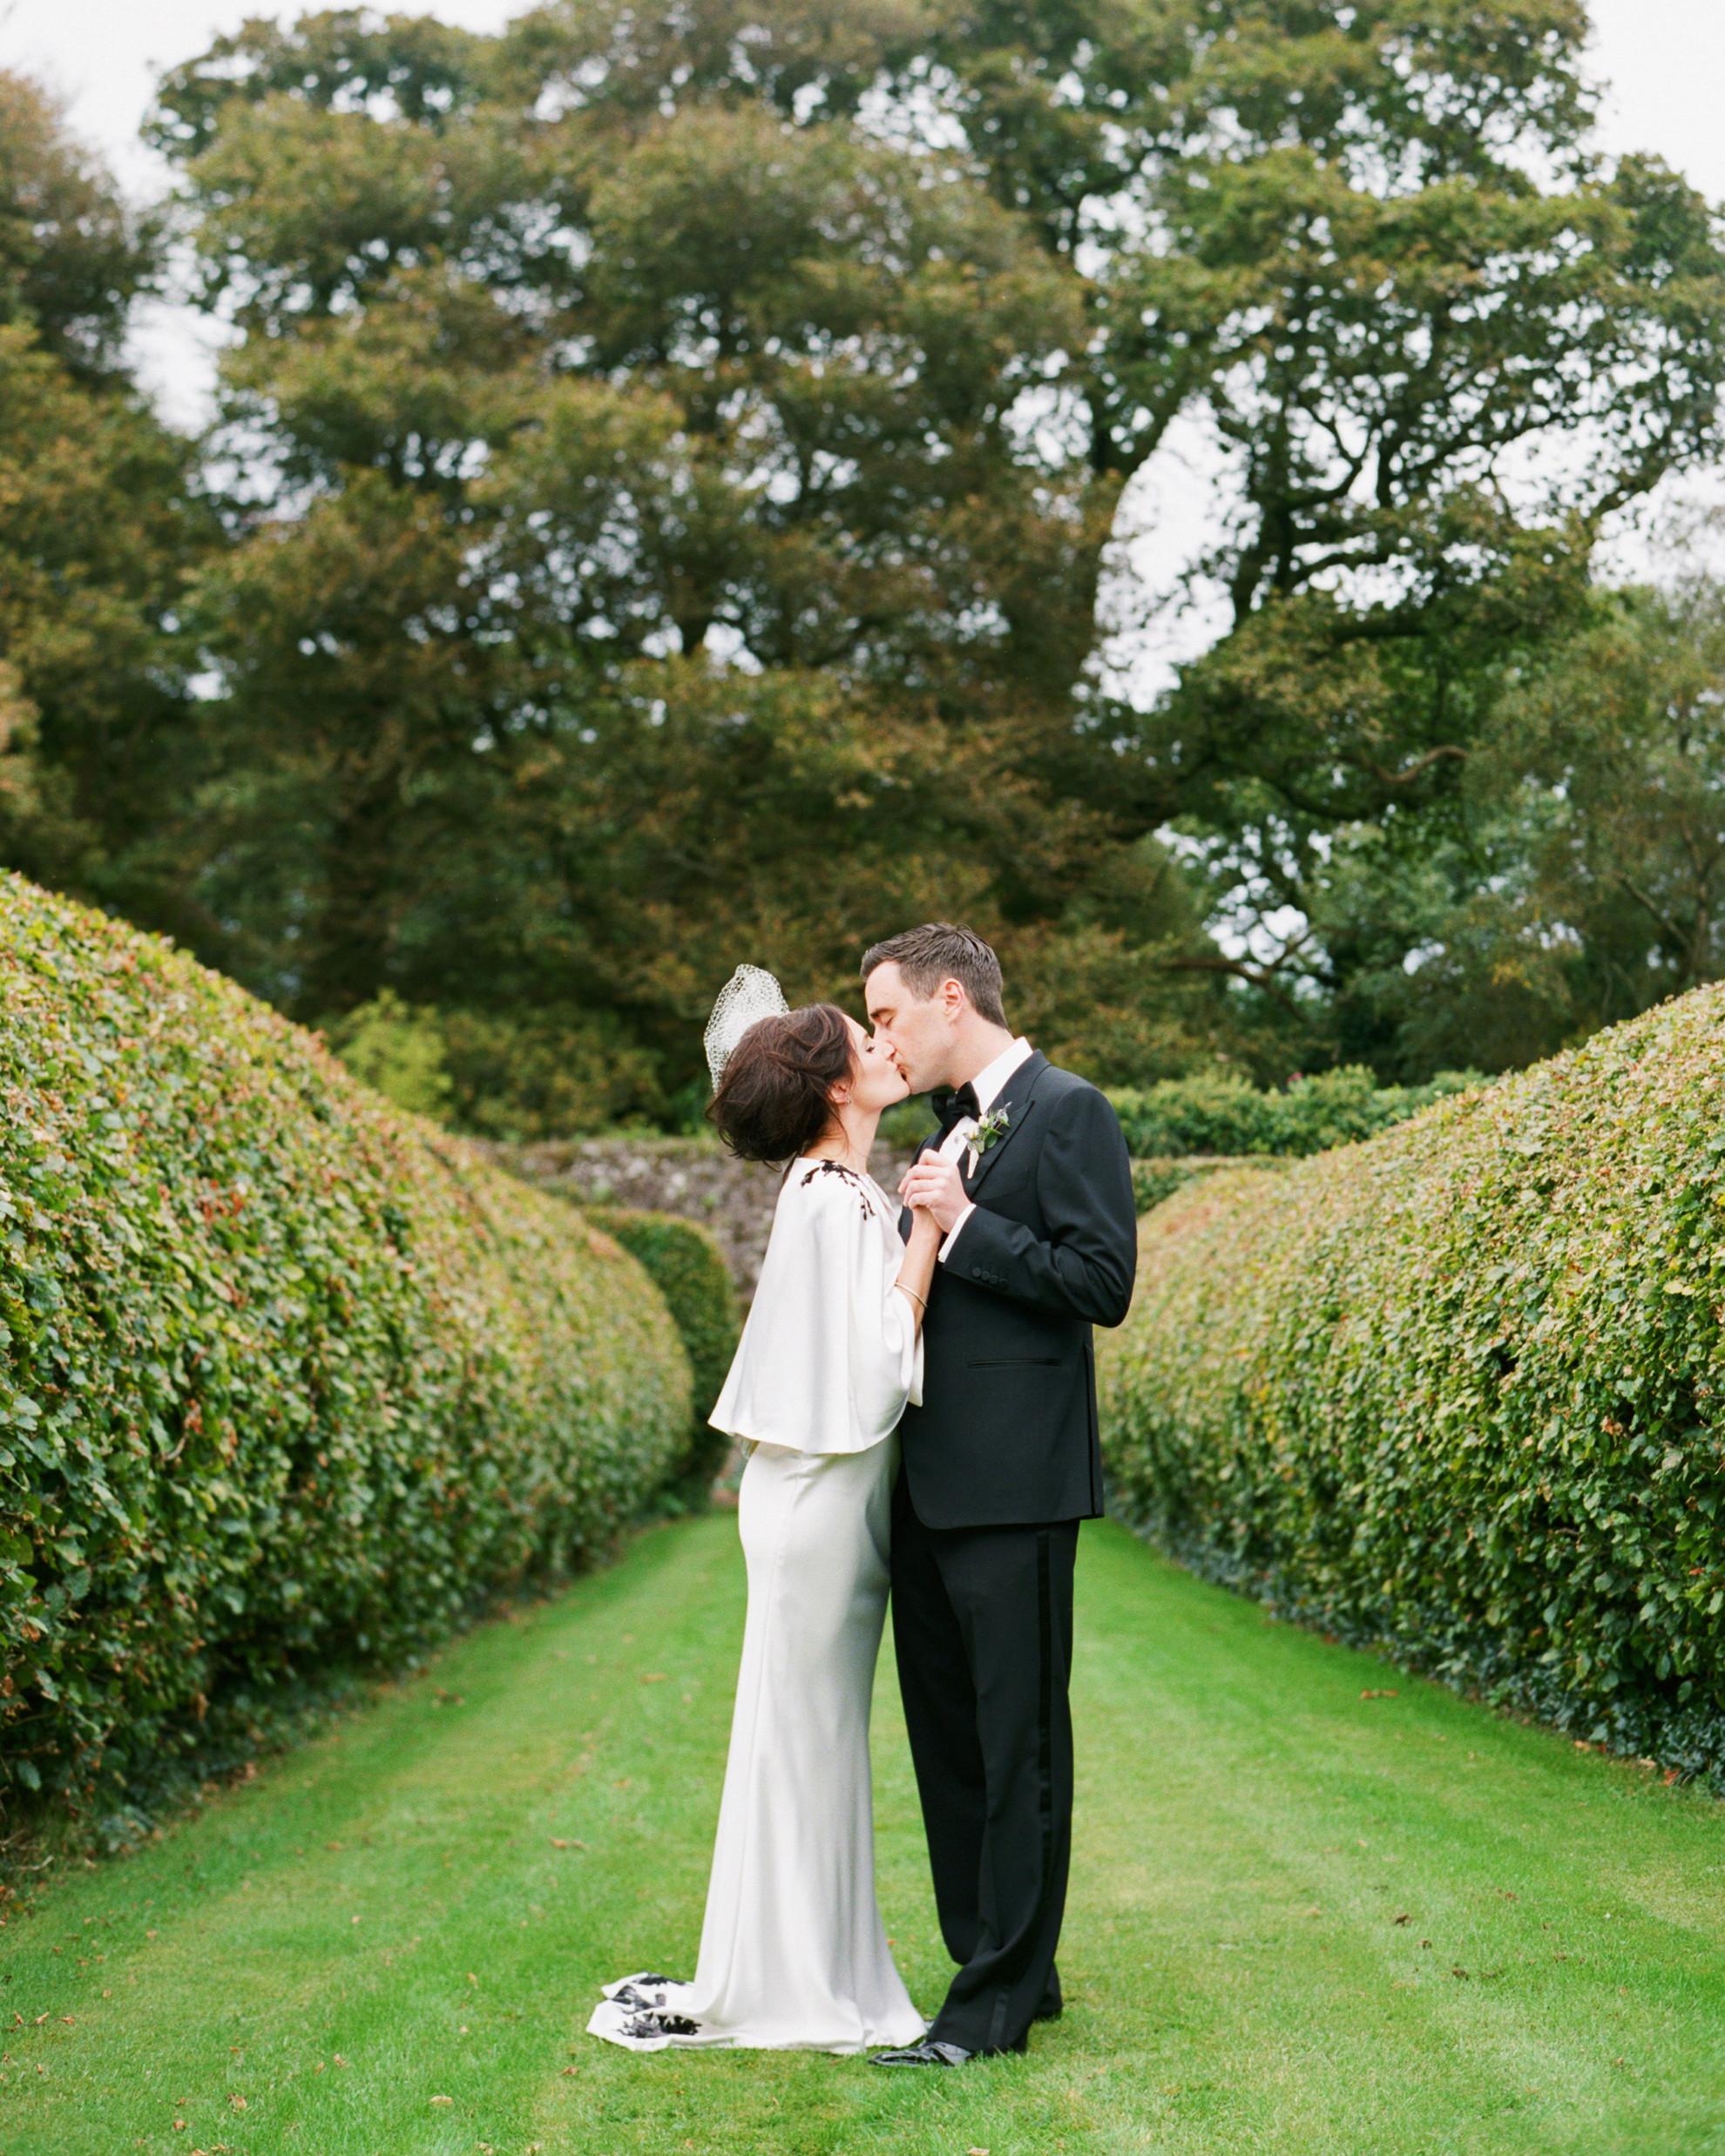 Real Brides Ireland